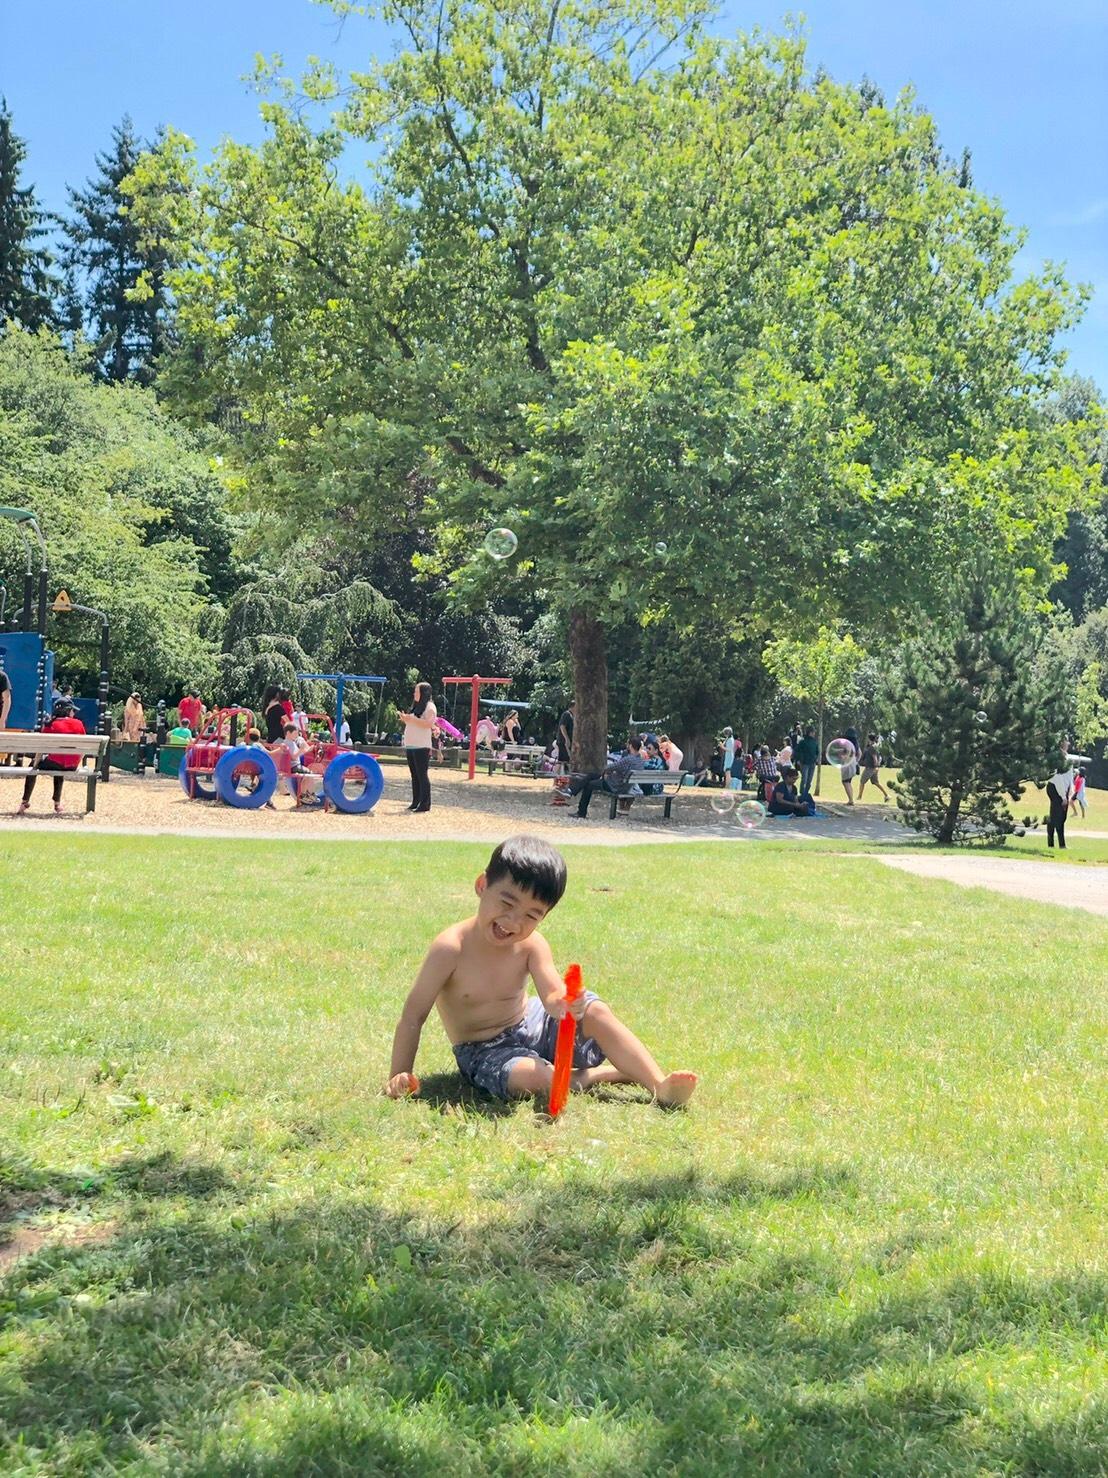 ▲李培禎認為小孩子年紀小, 帶出門玩什麼都會覺得很新奇有趣。